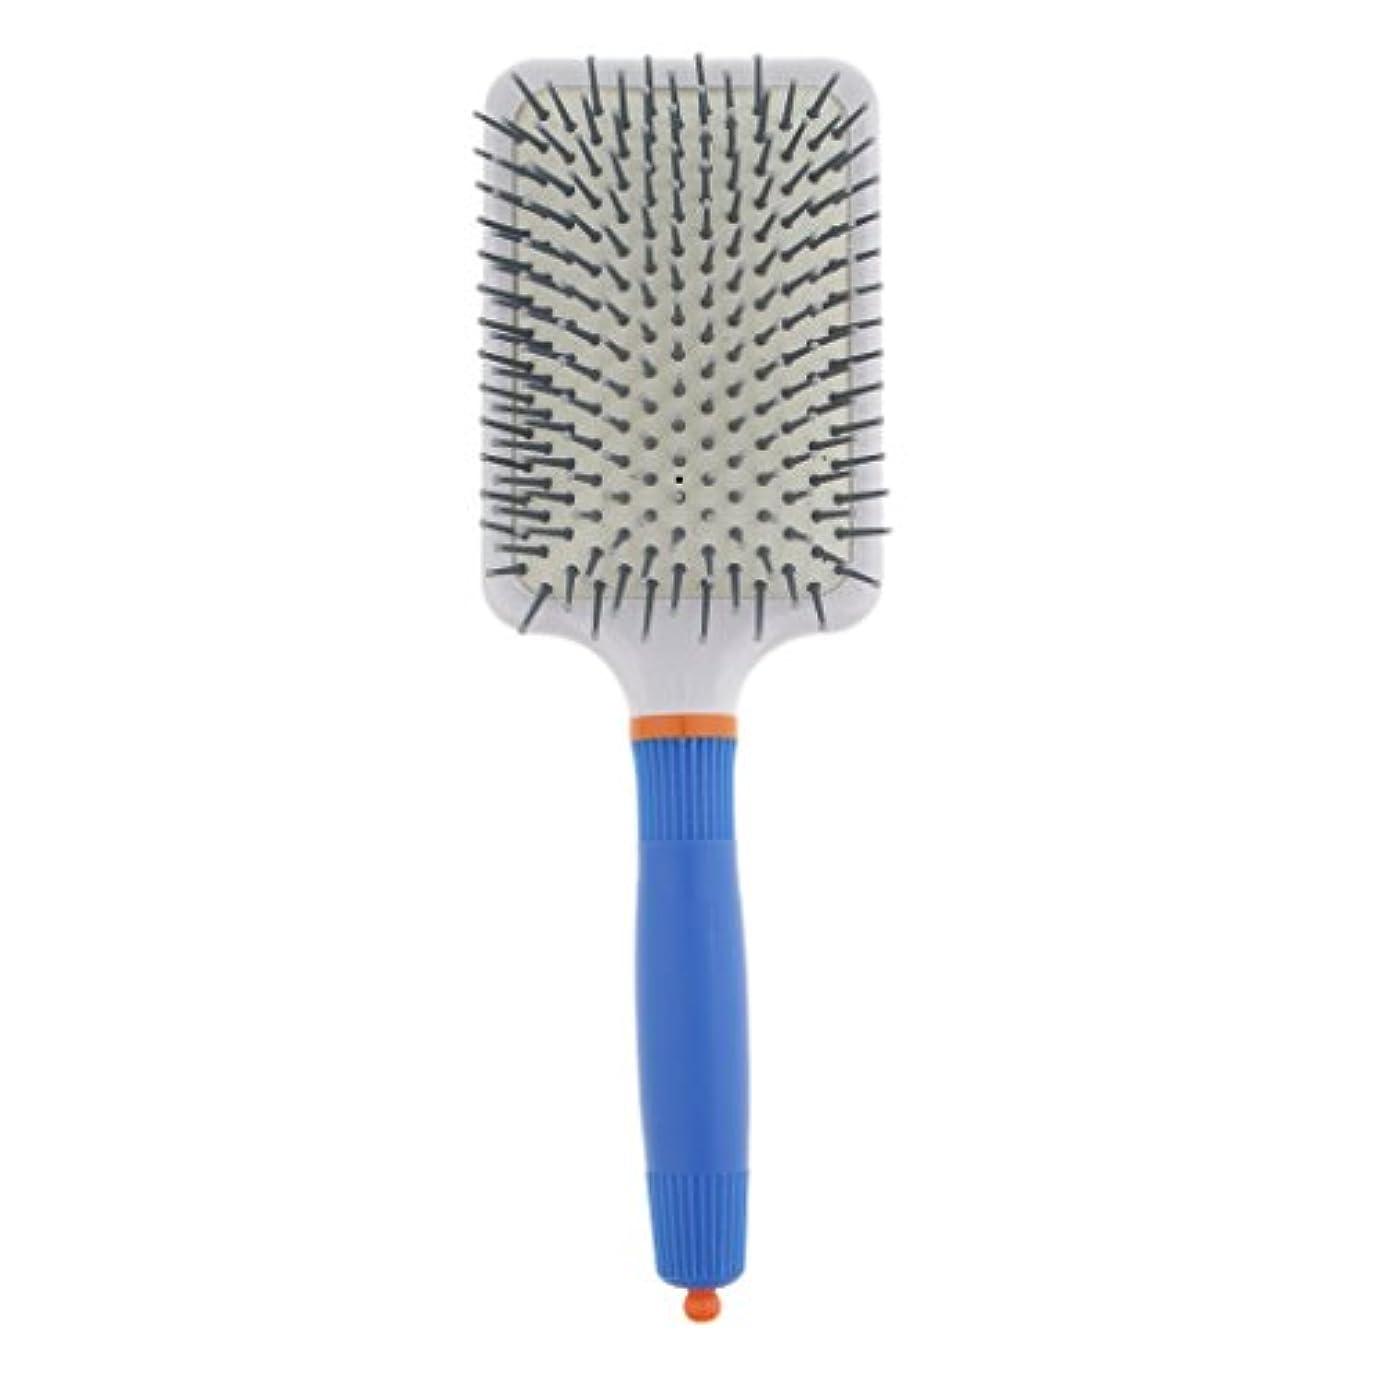 ジュニア銛ティッシュプラスチック製 ブラシ 頭皮マッサージブラシ フラットヘアブラシ 櫛 静電気防止 全2色 - ダークブルー